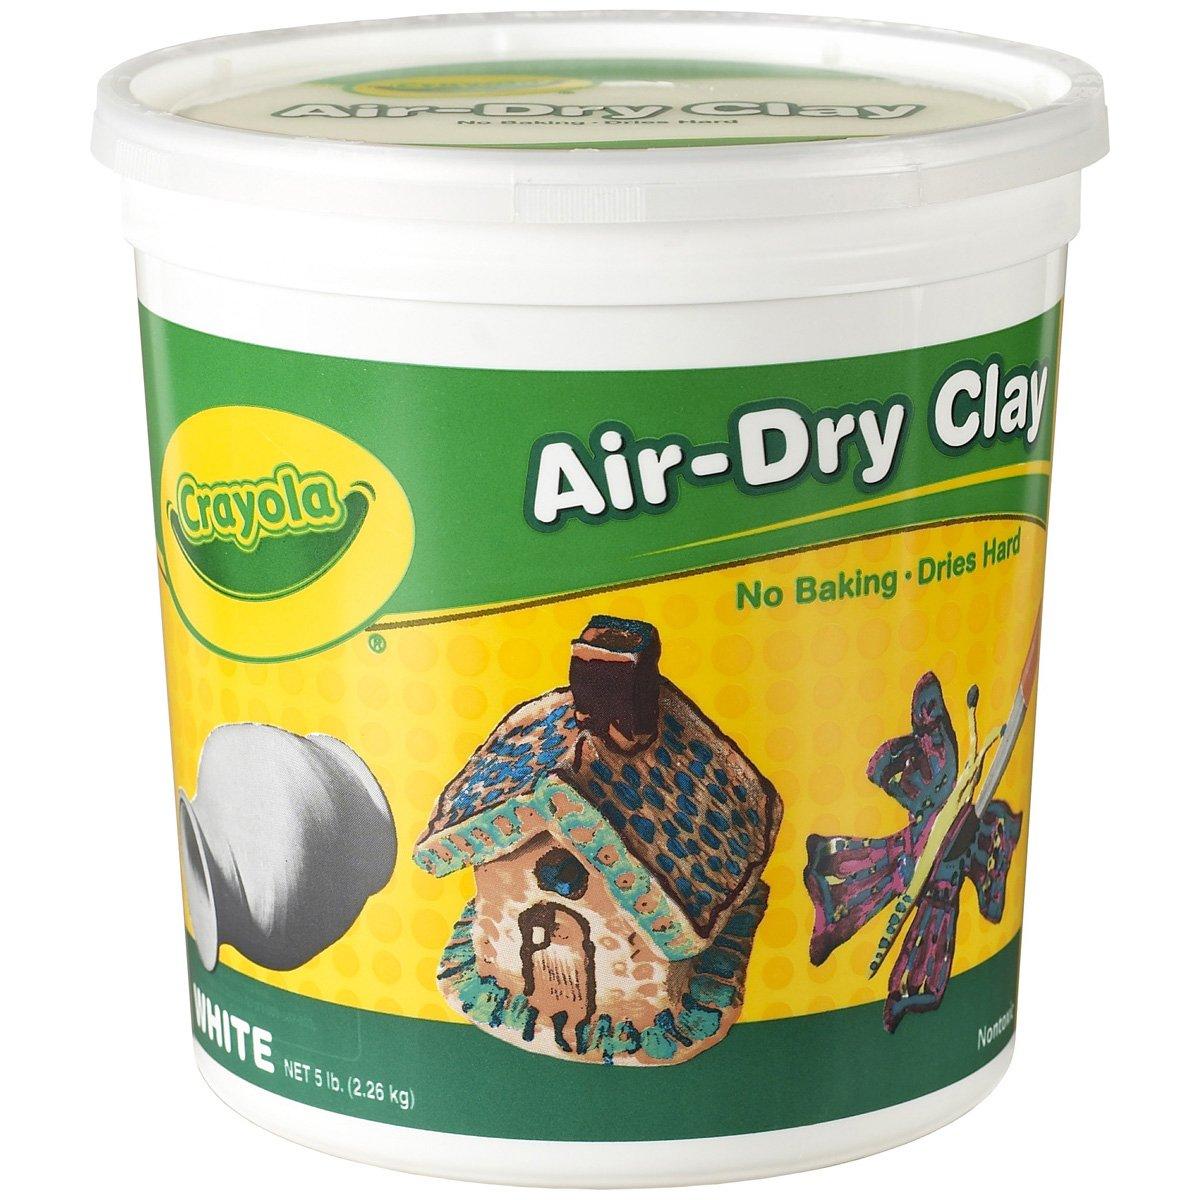 Dry Clay Powder Crayola Air Dry Clay 5 lb